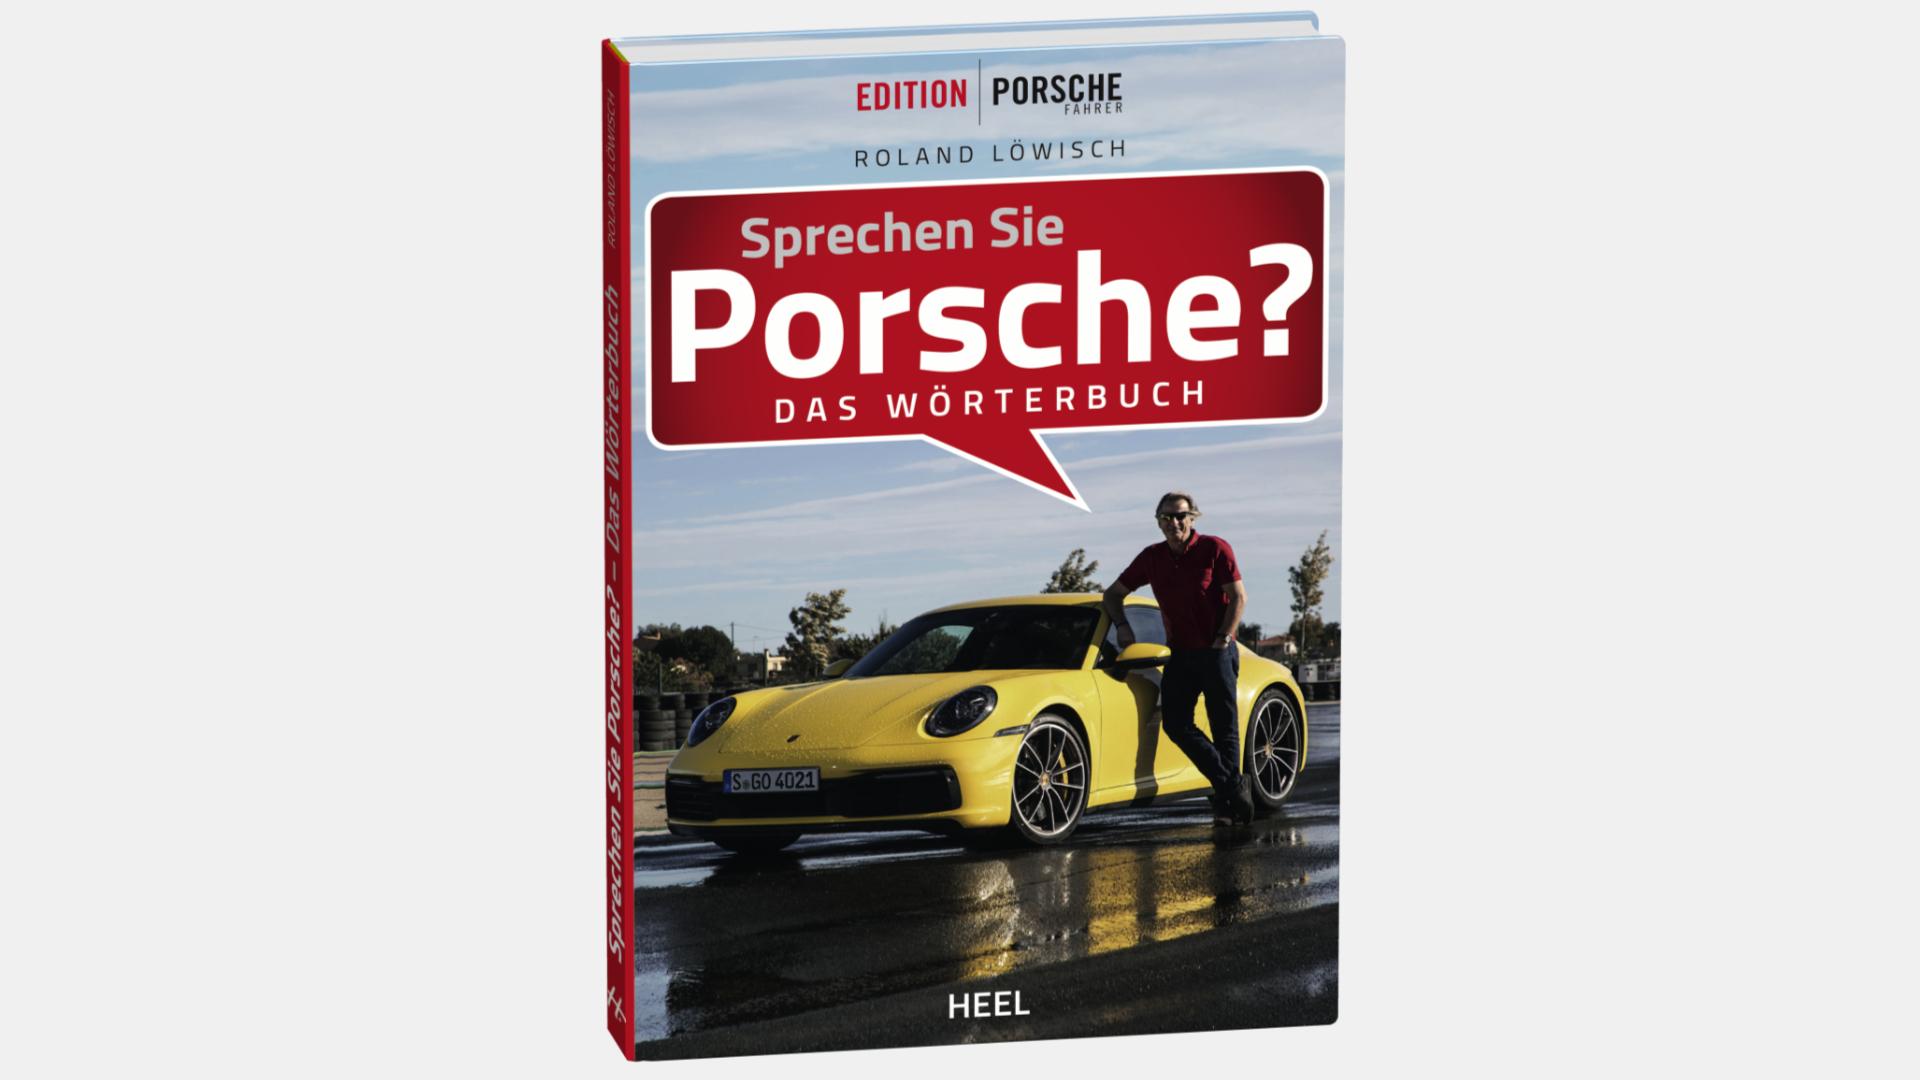 Sprechen Sie Porsche?